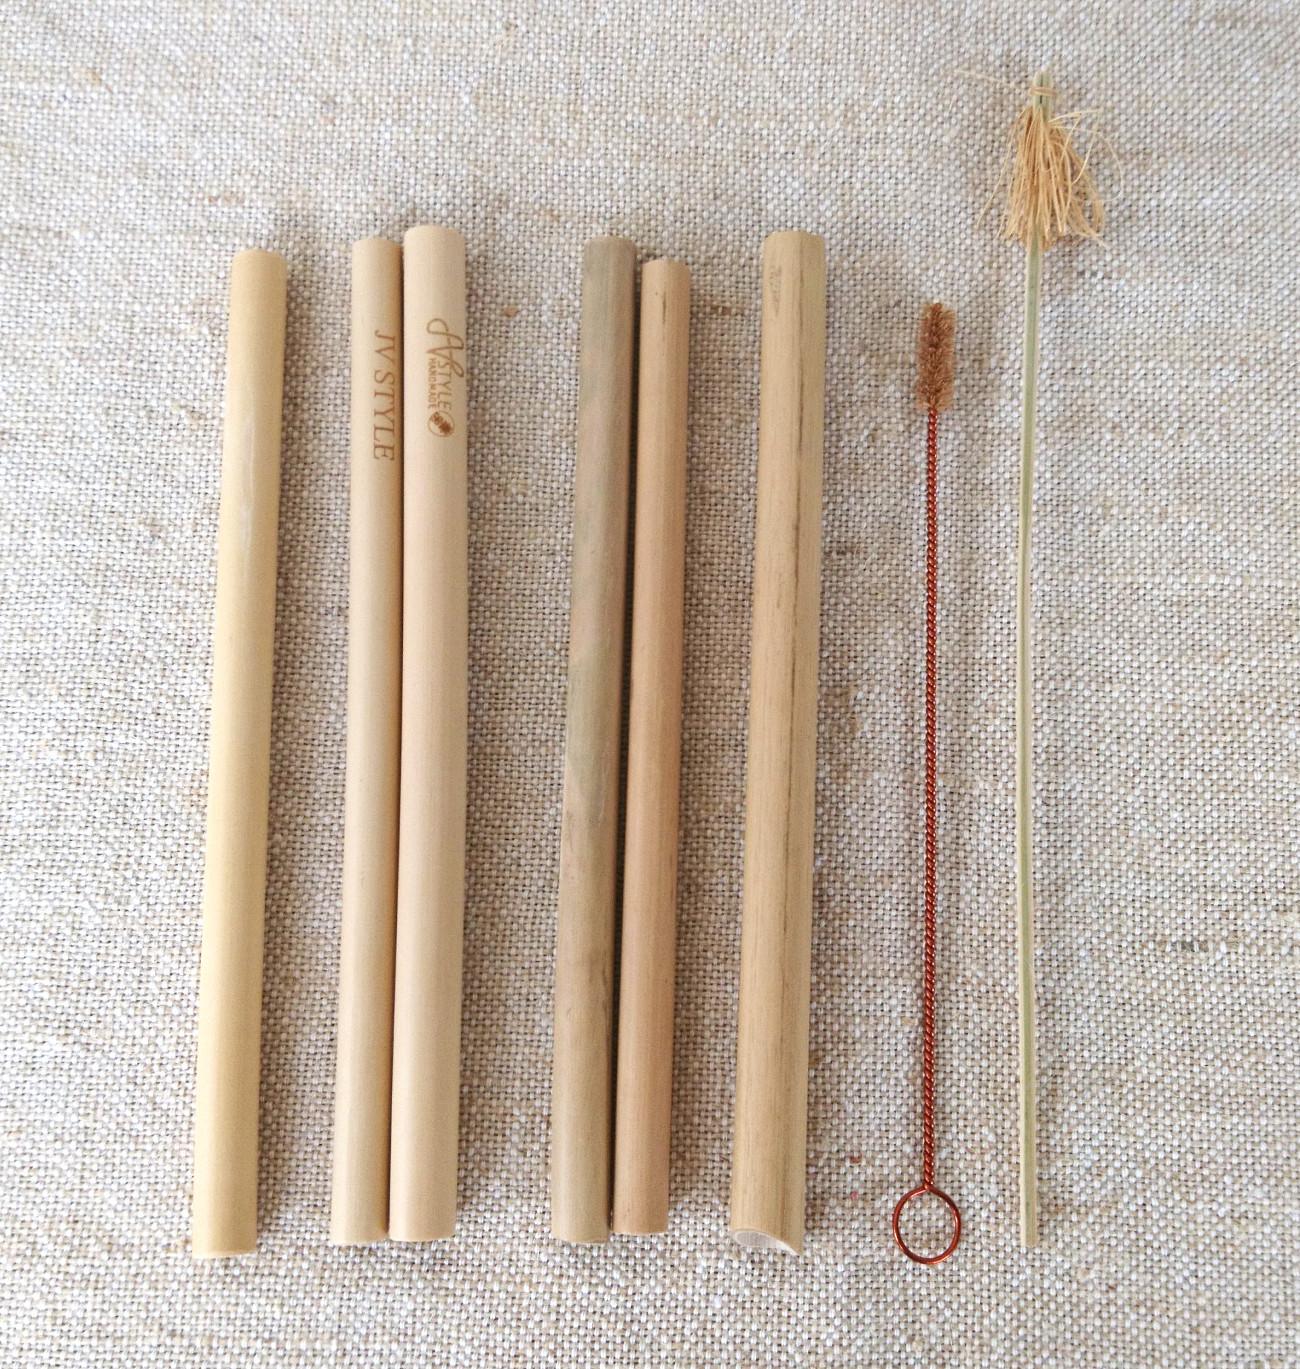 天然素材(再利用可能/生分解性)バンブー(竹)ストローお試しセット